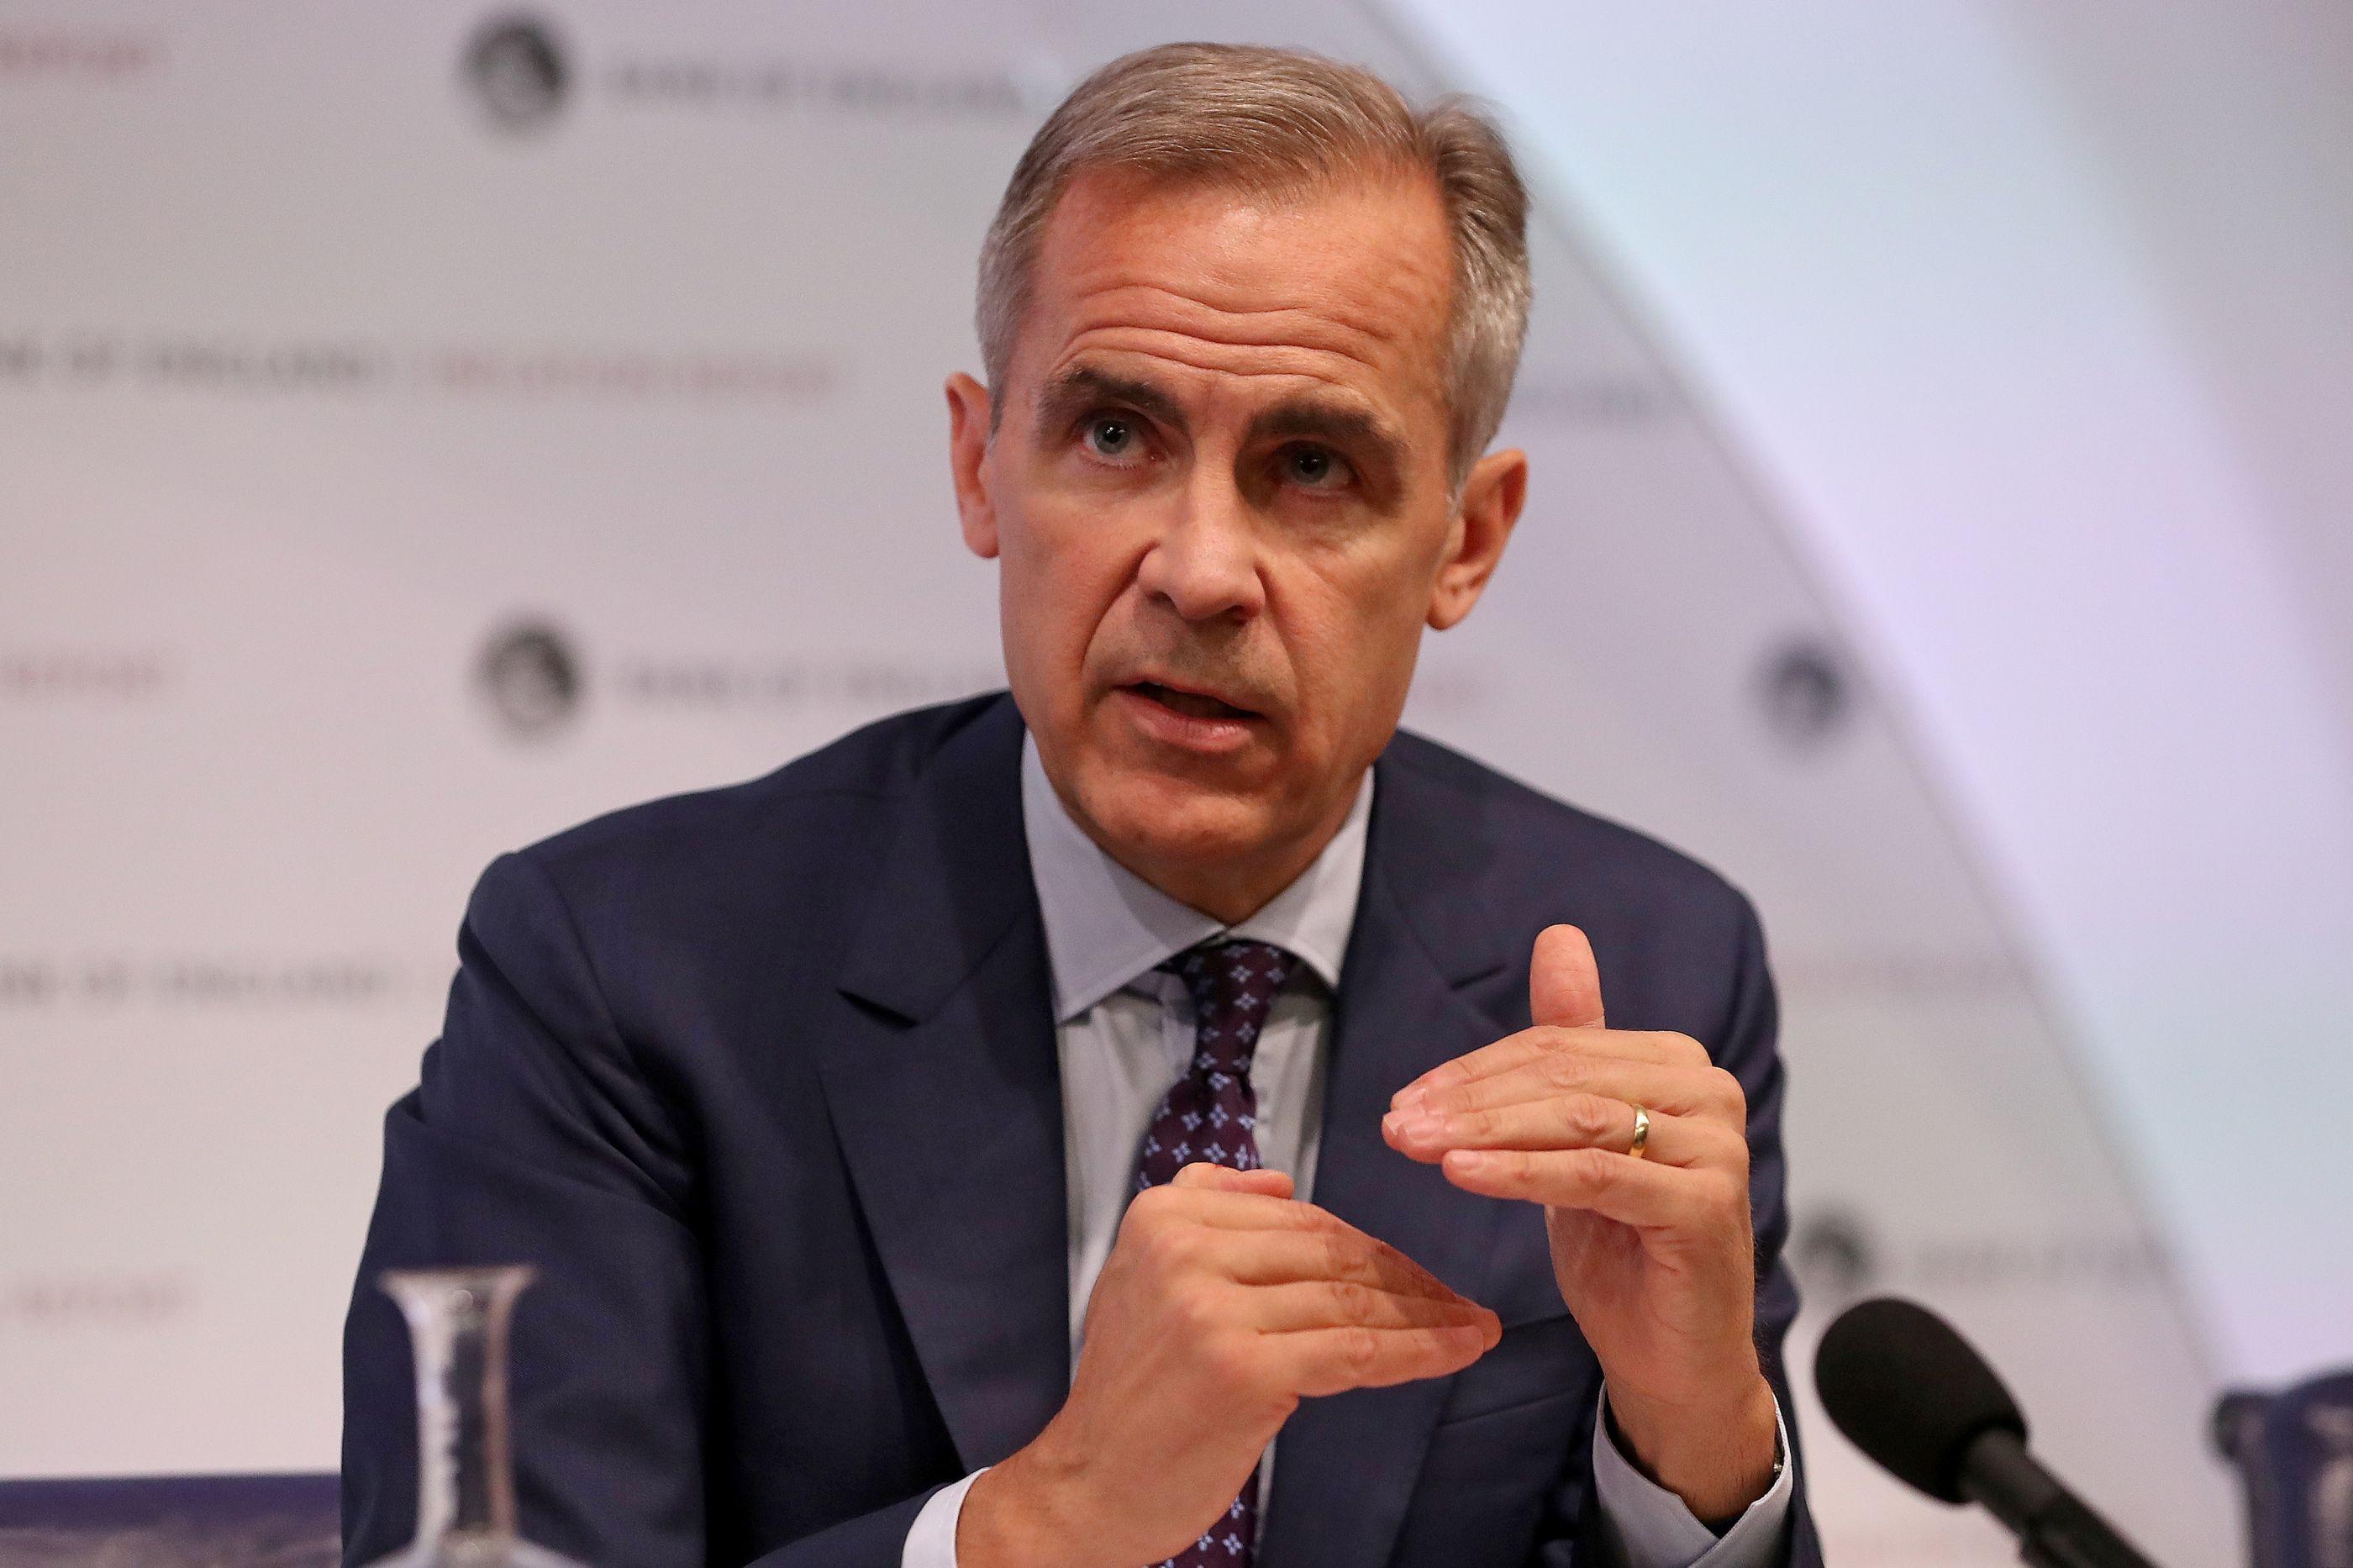 Economia do Reino Unido não está preparada para a saída da UE sem acordo